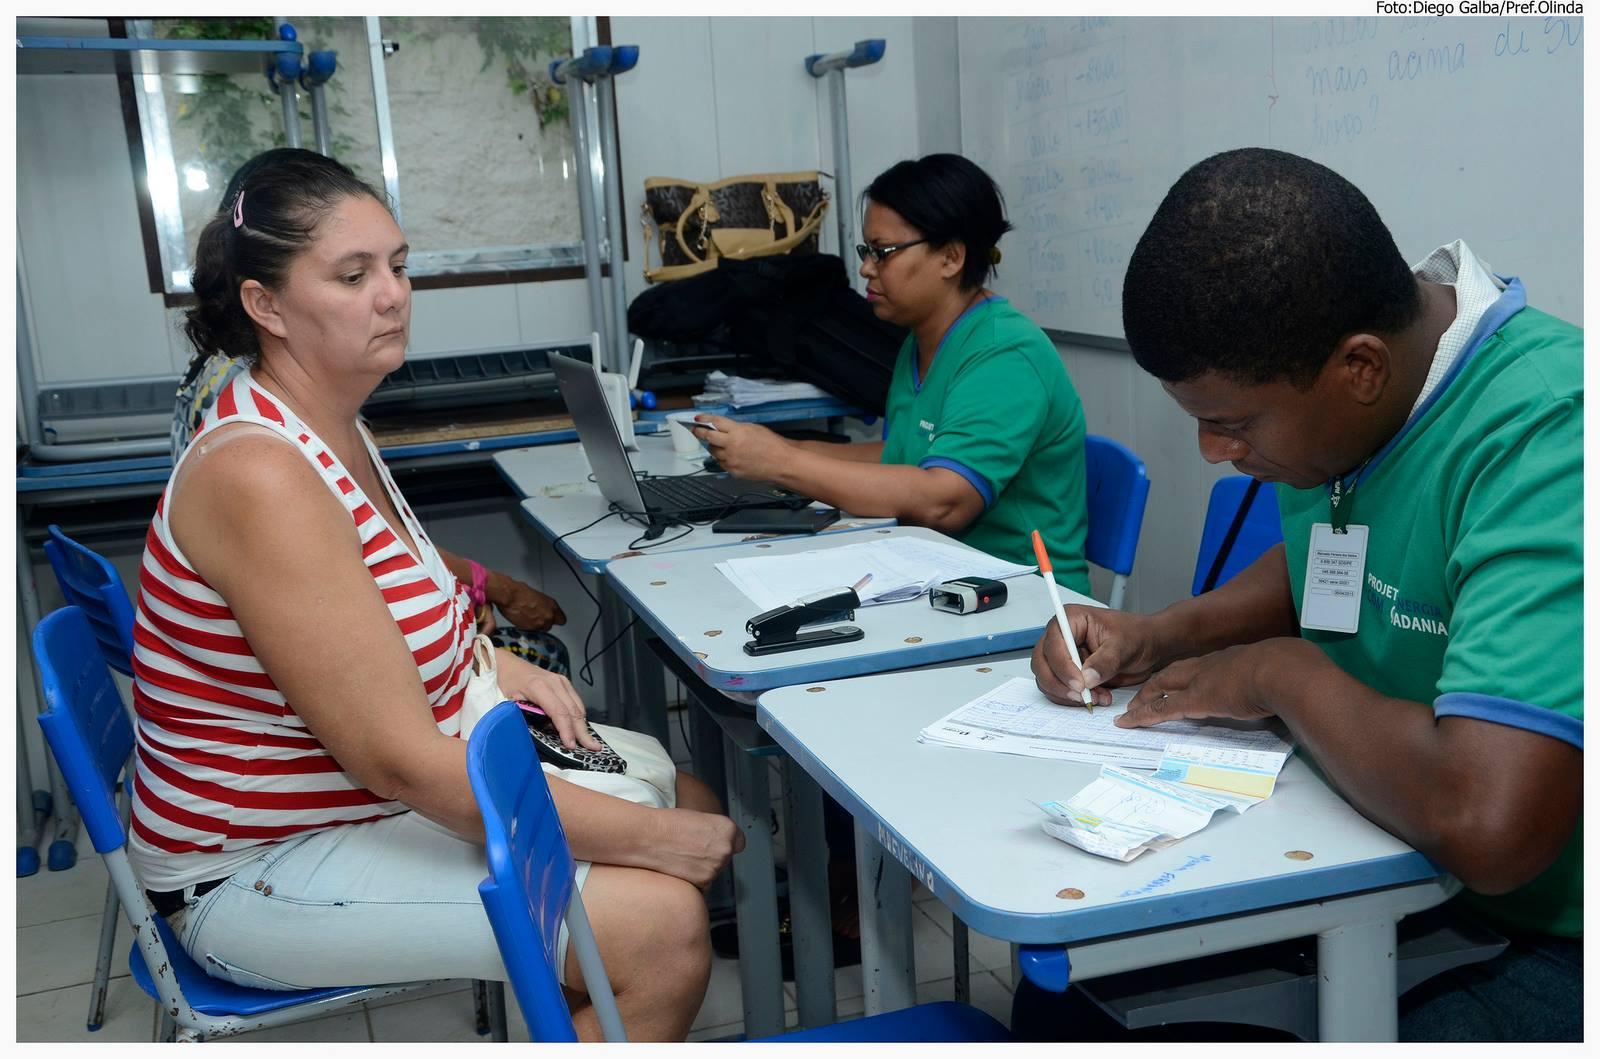 Olinda em Ação leva cidadania às comunidades de Olinda. Foto: Diego Galba/Pref.Olinda